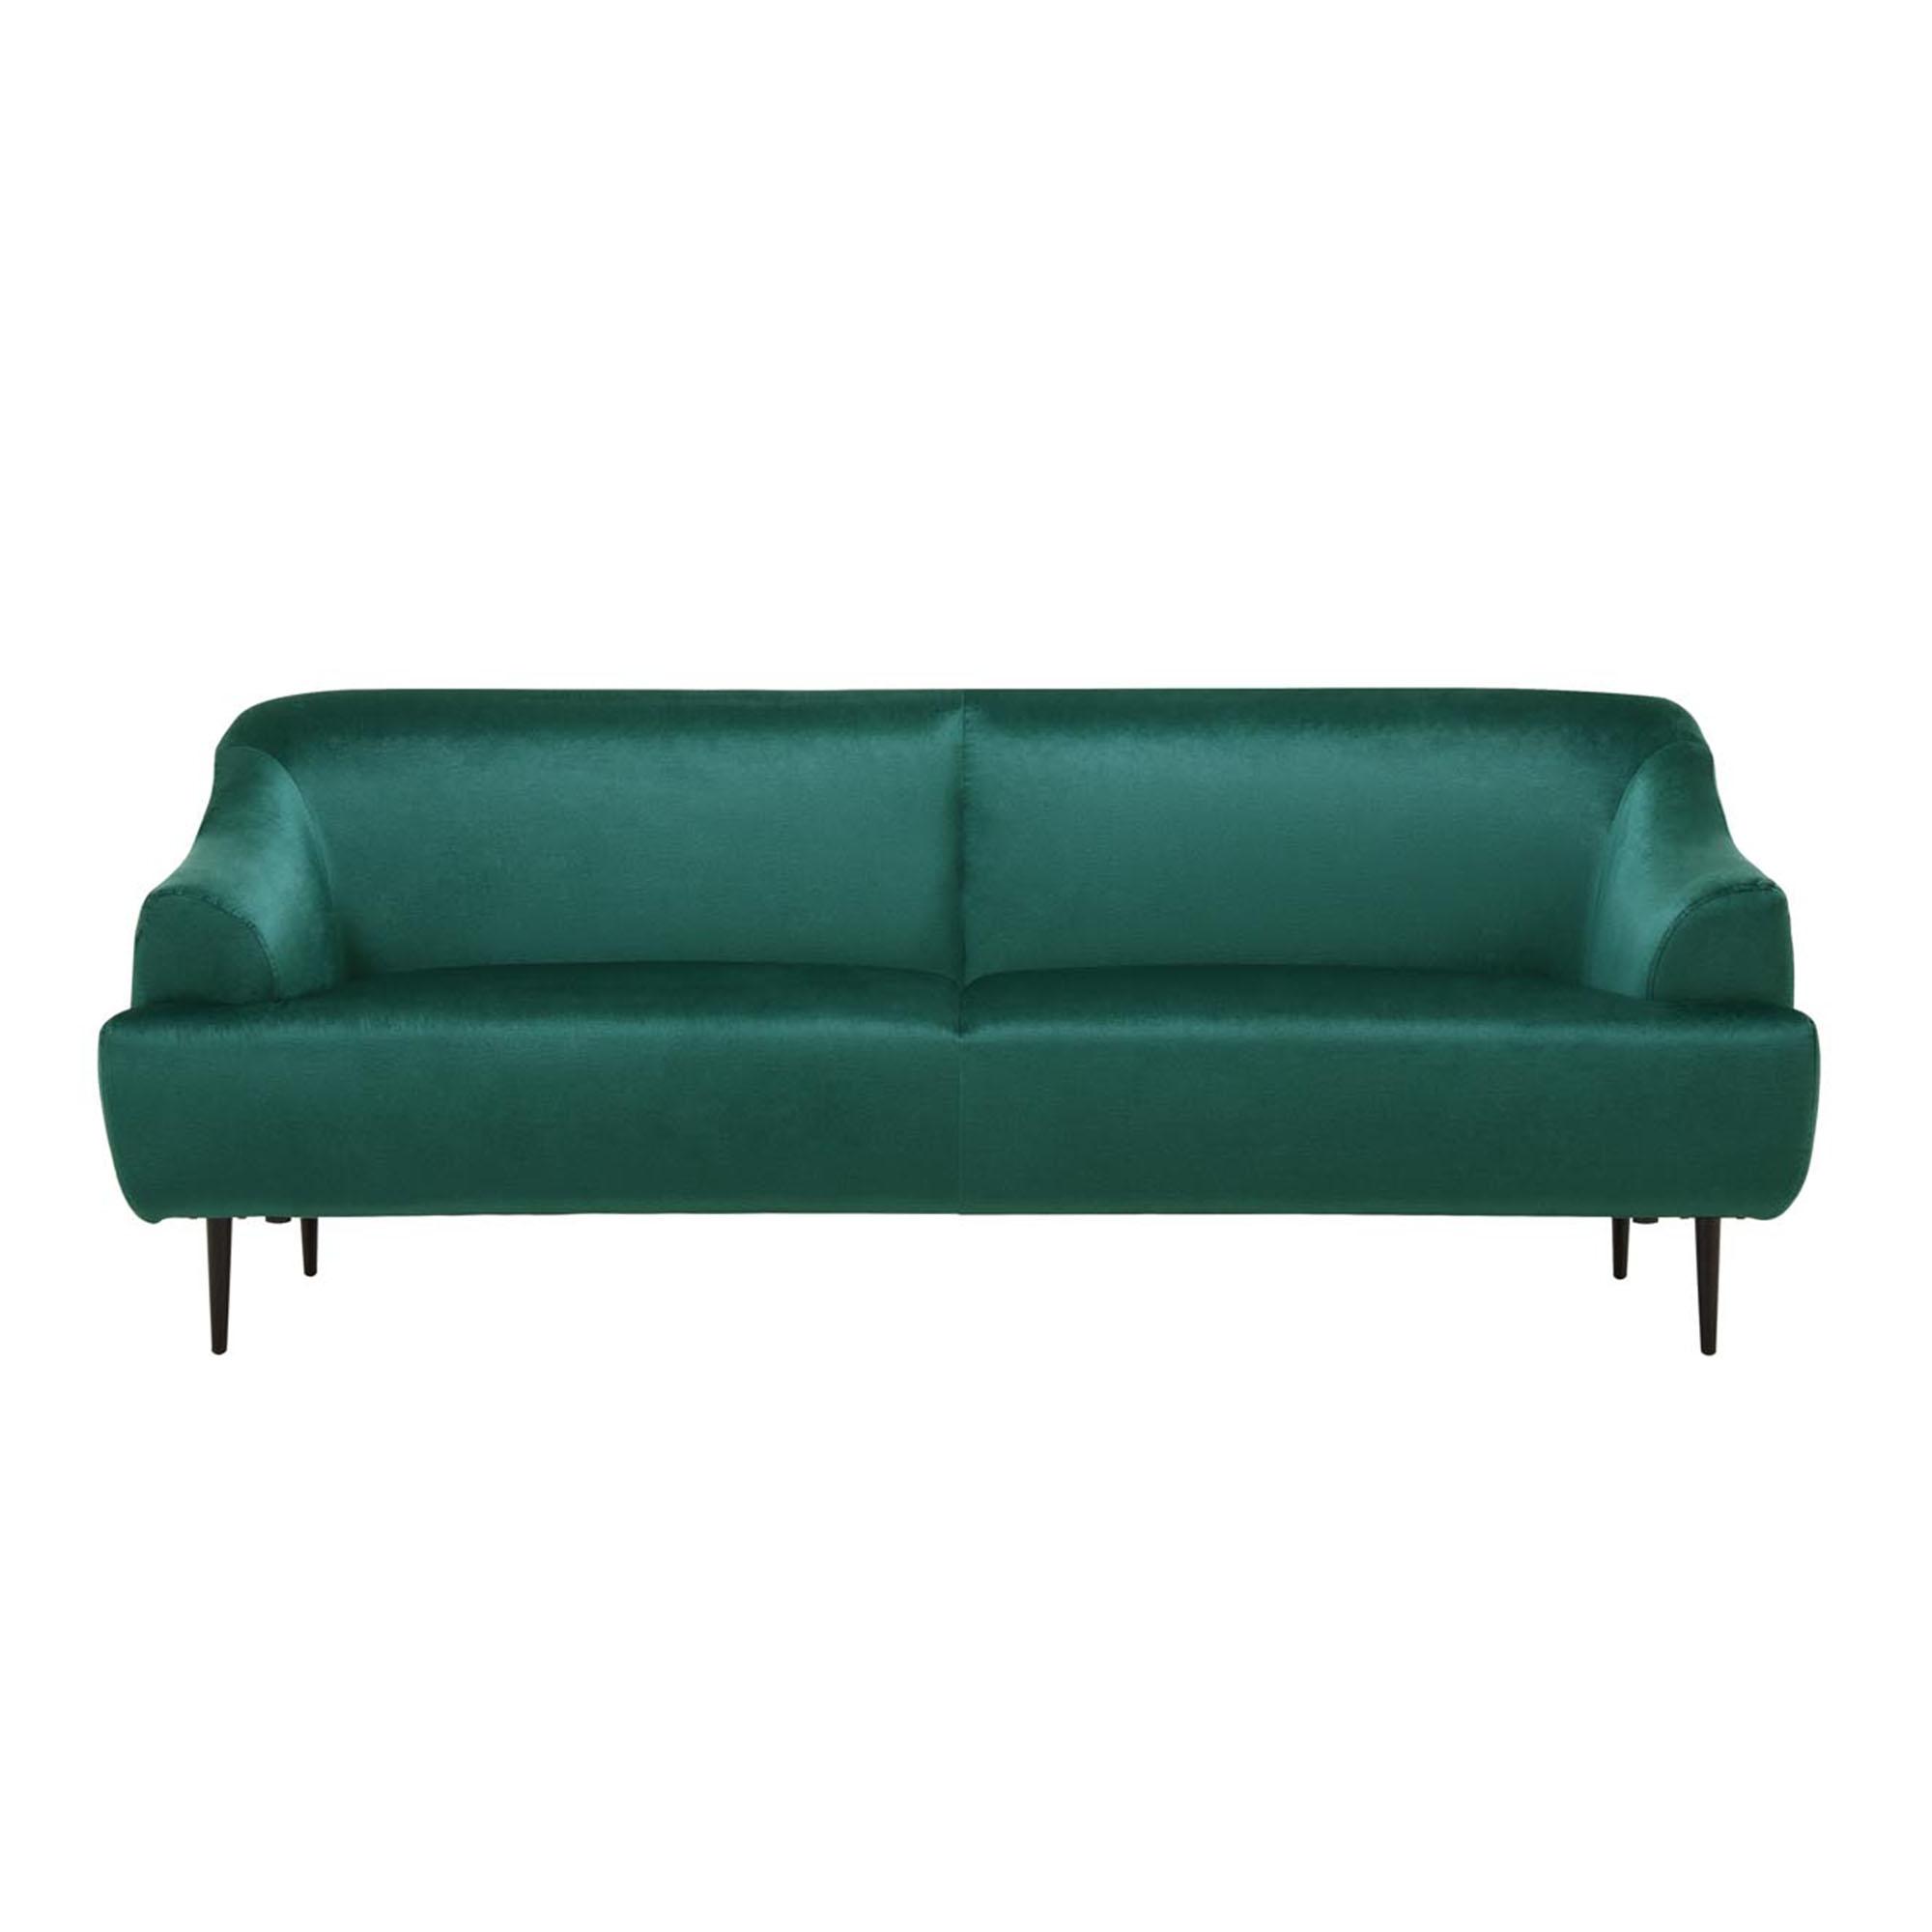 Canapé velours imperméable vert émeraude 3 places